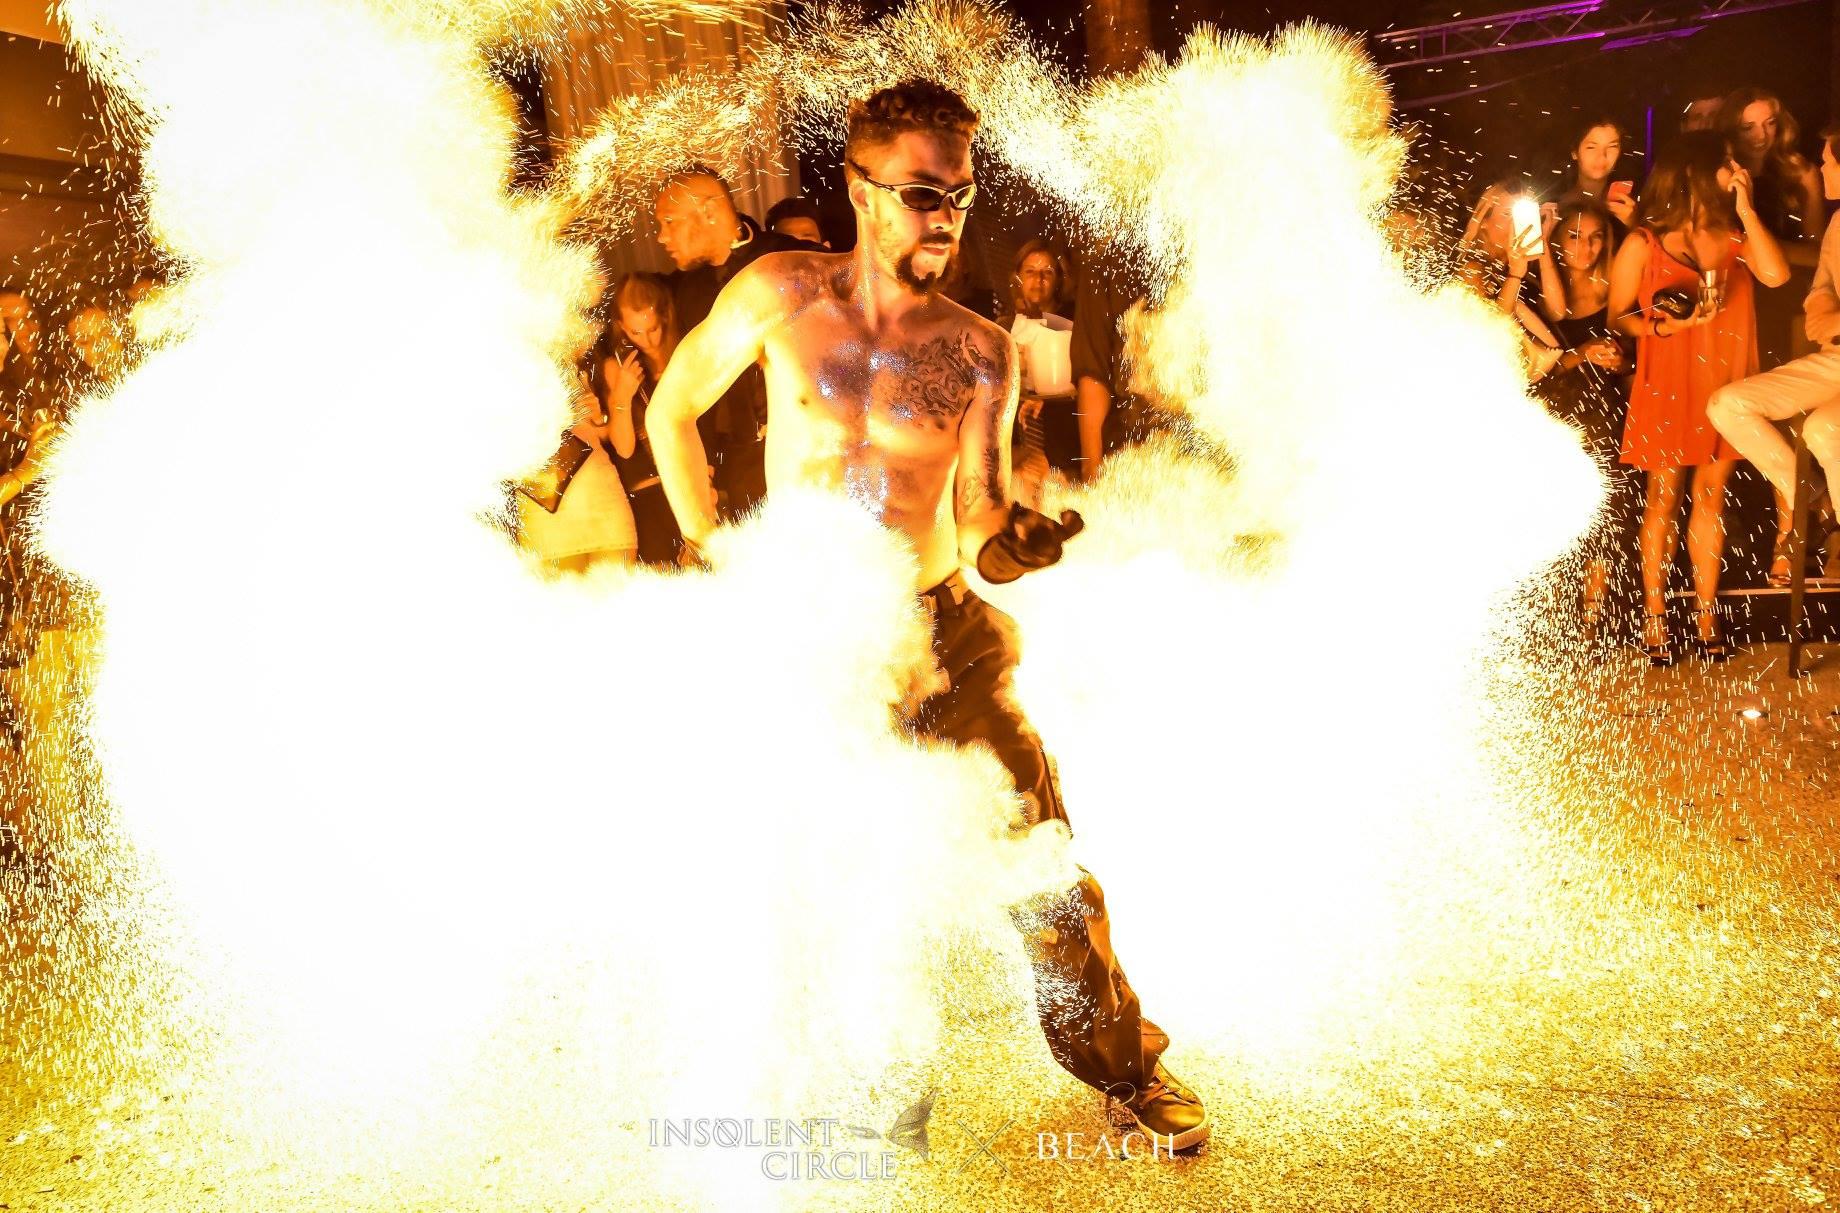 Compagnie Arteflammes, spectacle de feu, fire show, spectacle pyrotechnique, pyrotechnie, événementiel, event performer, performeur